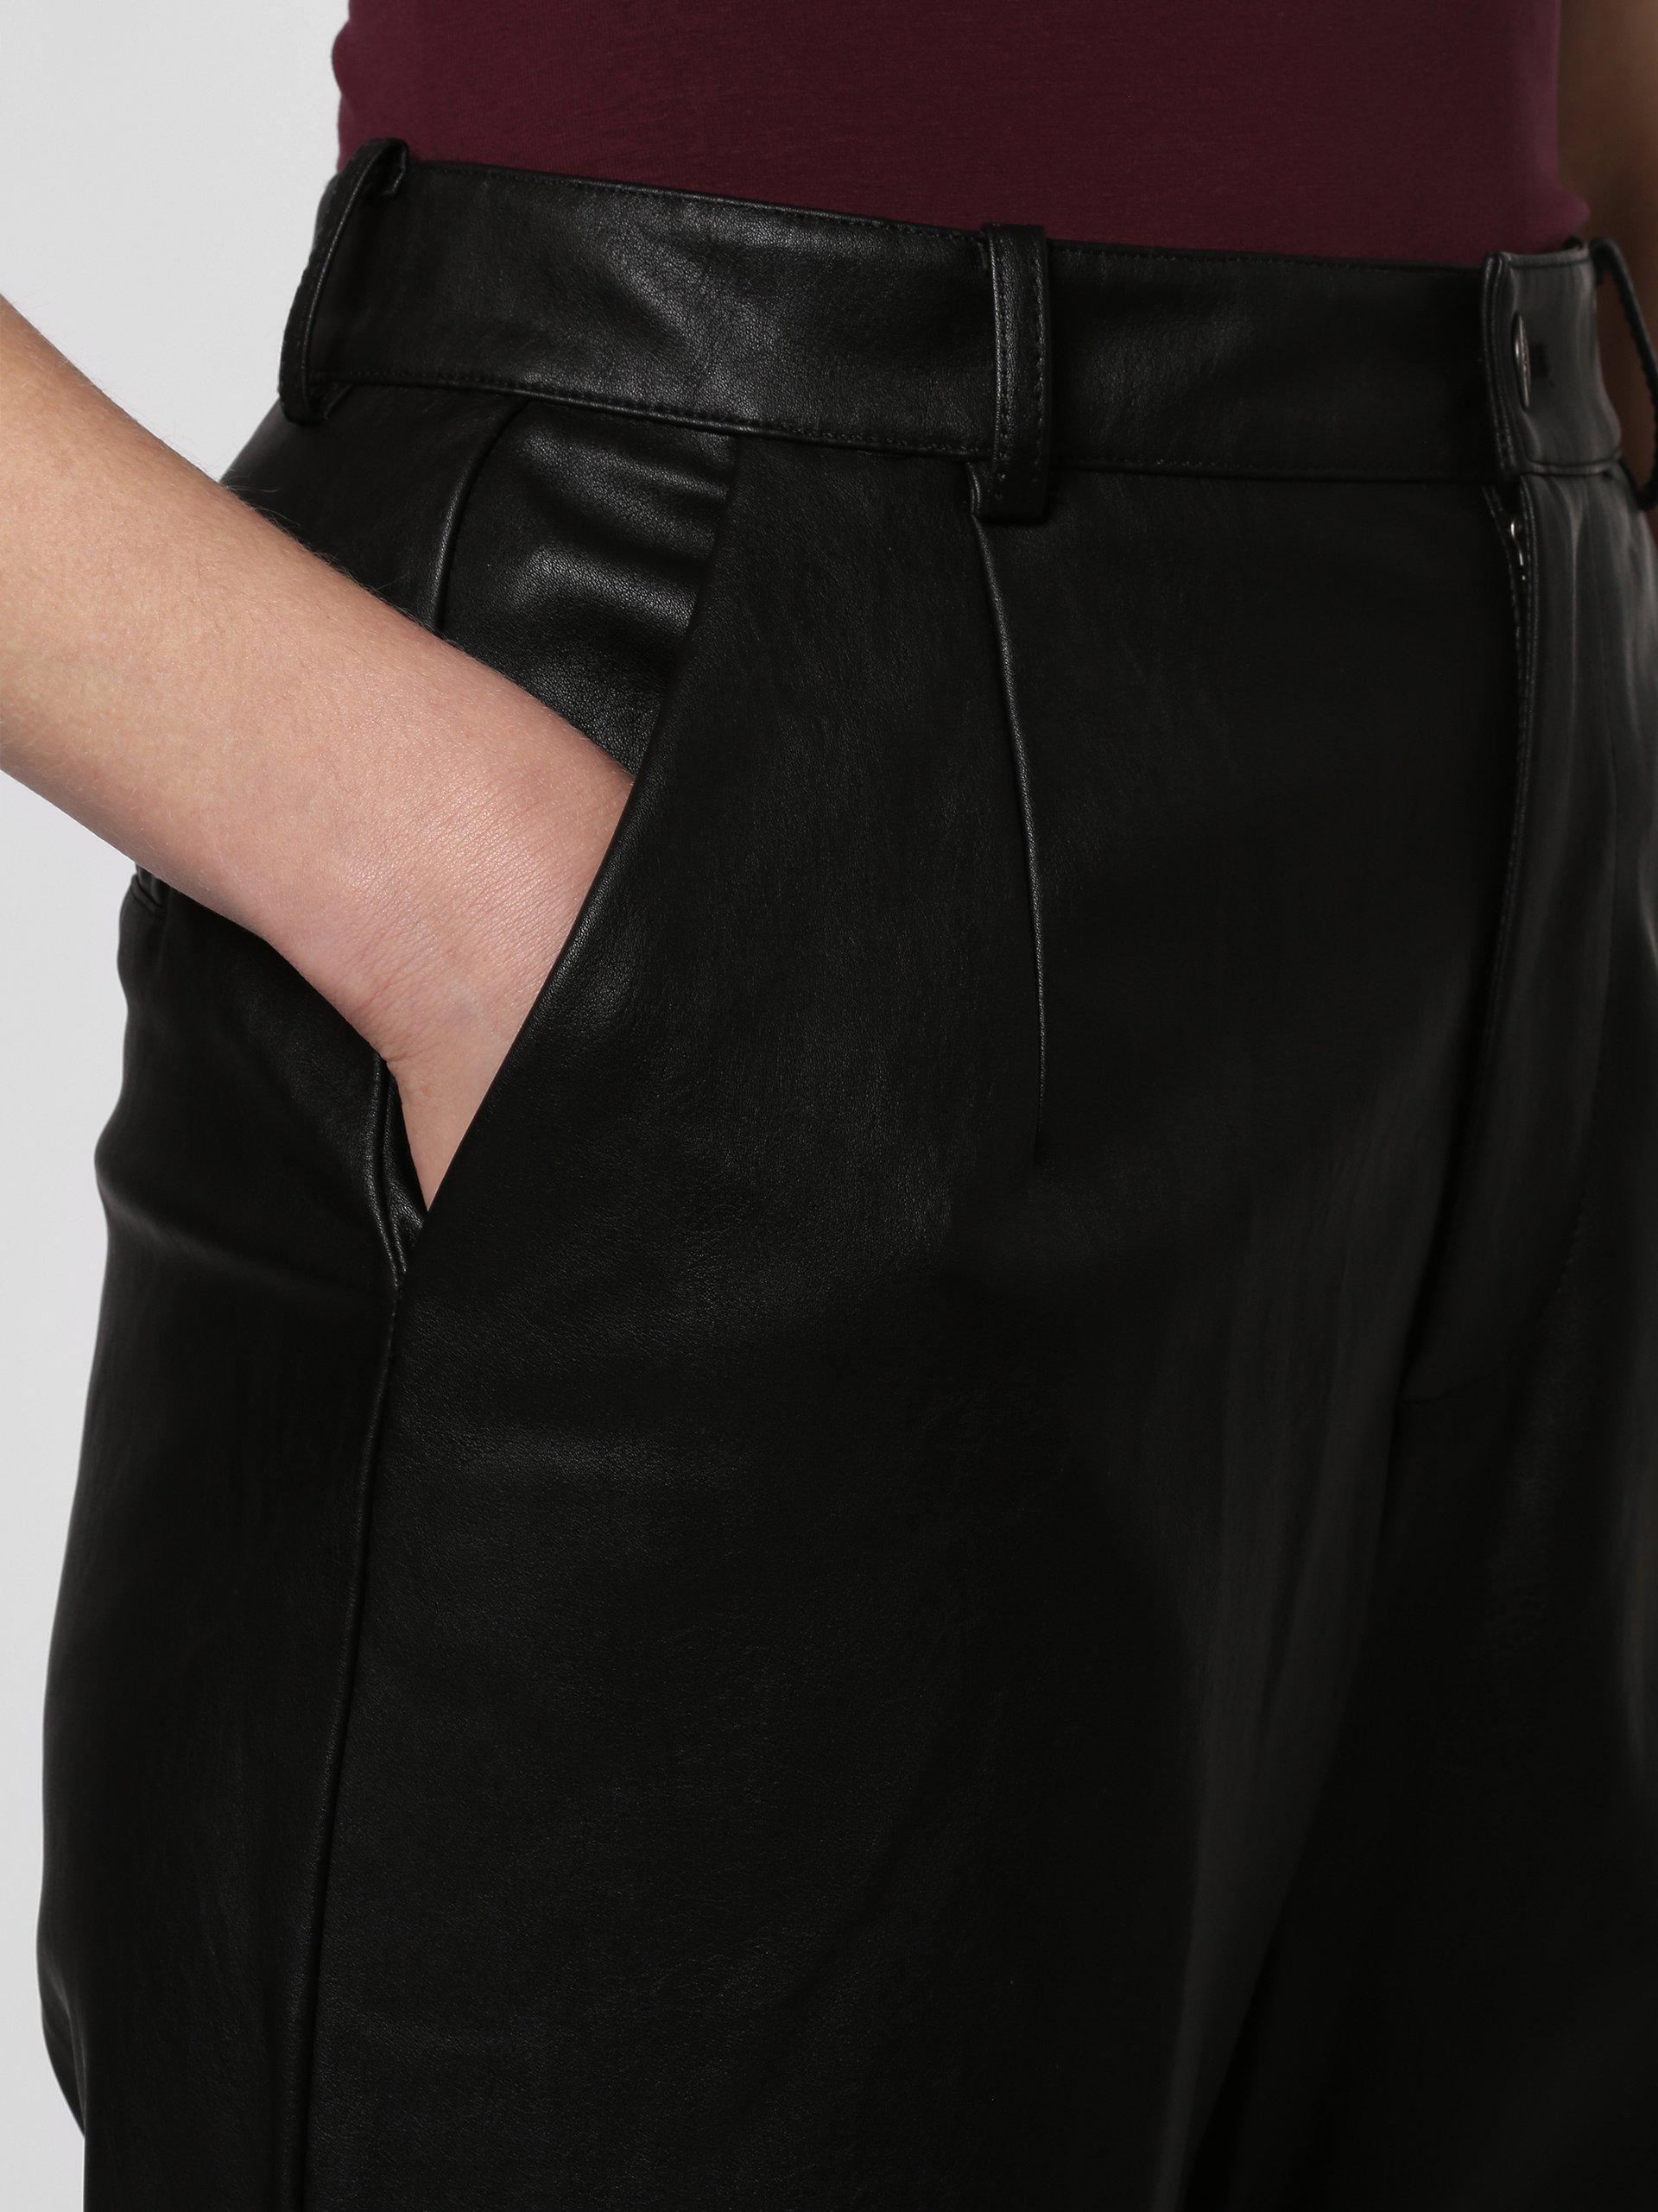 Marie Lund Spodnie damskie